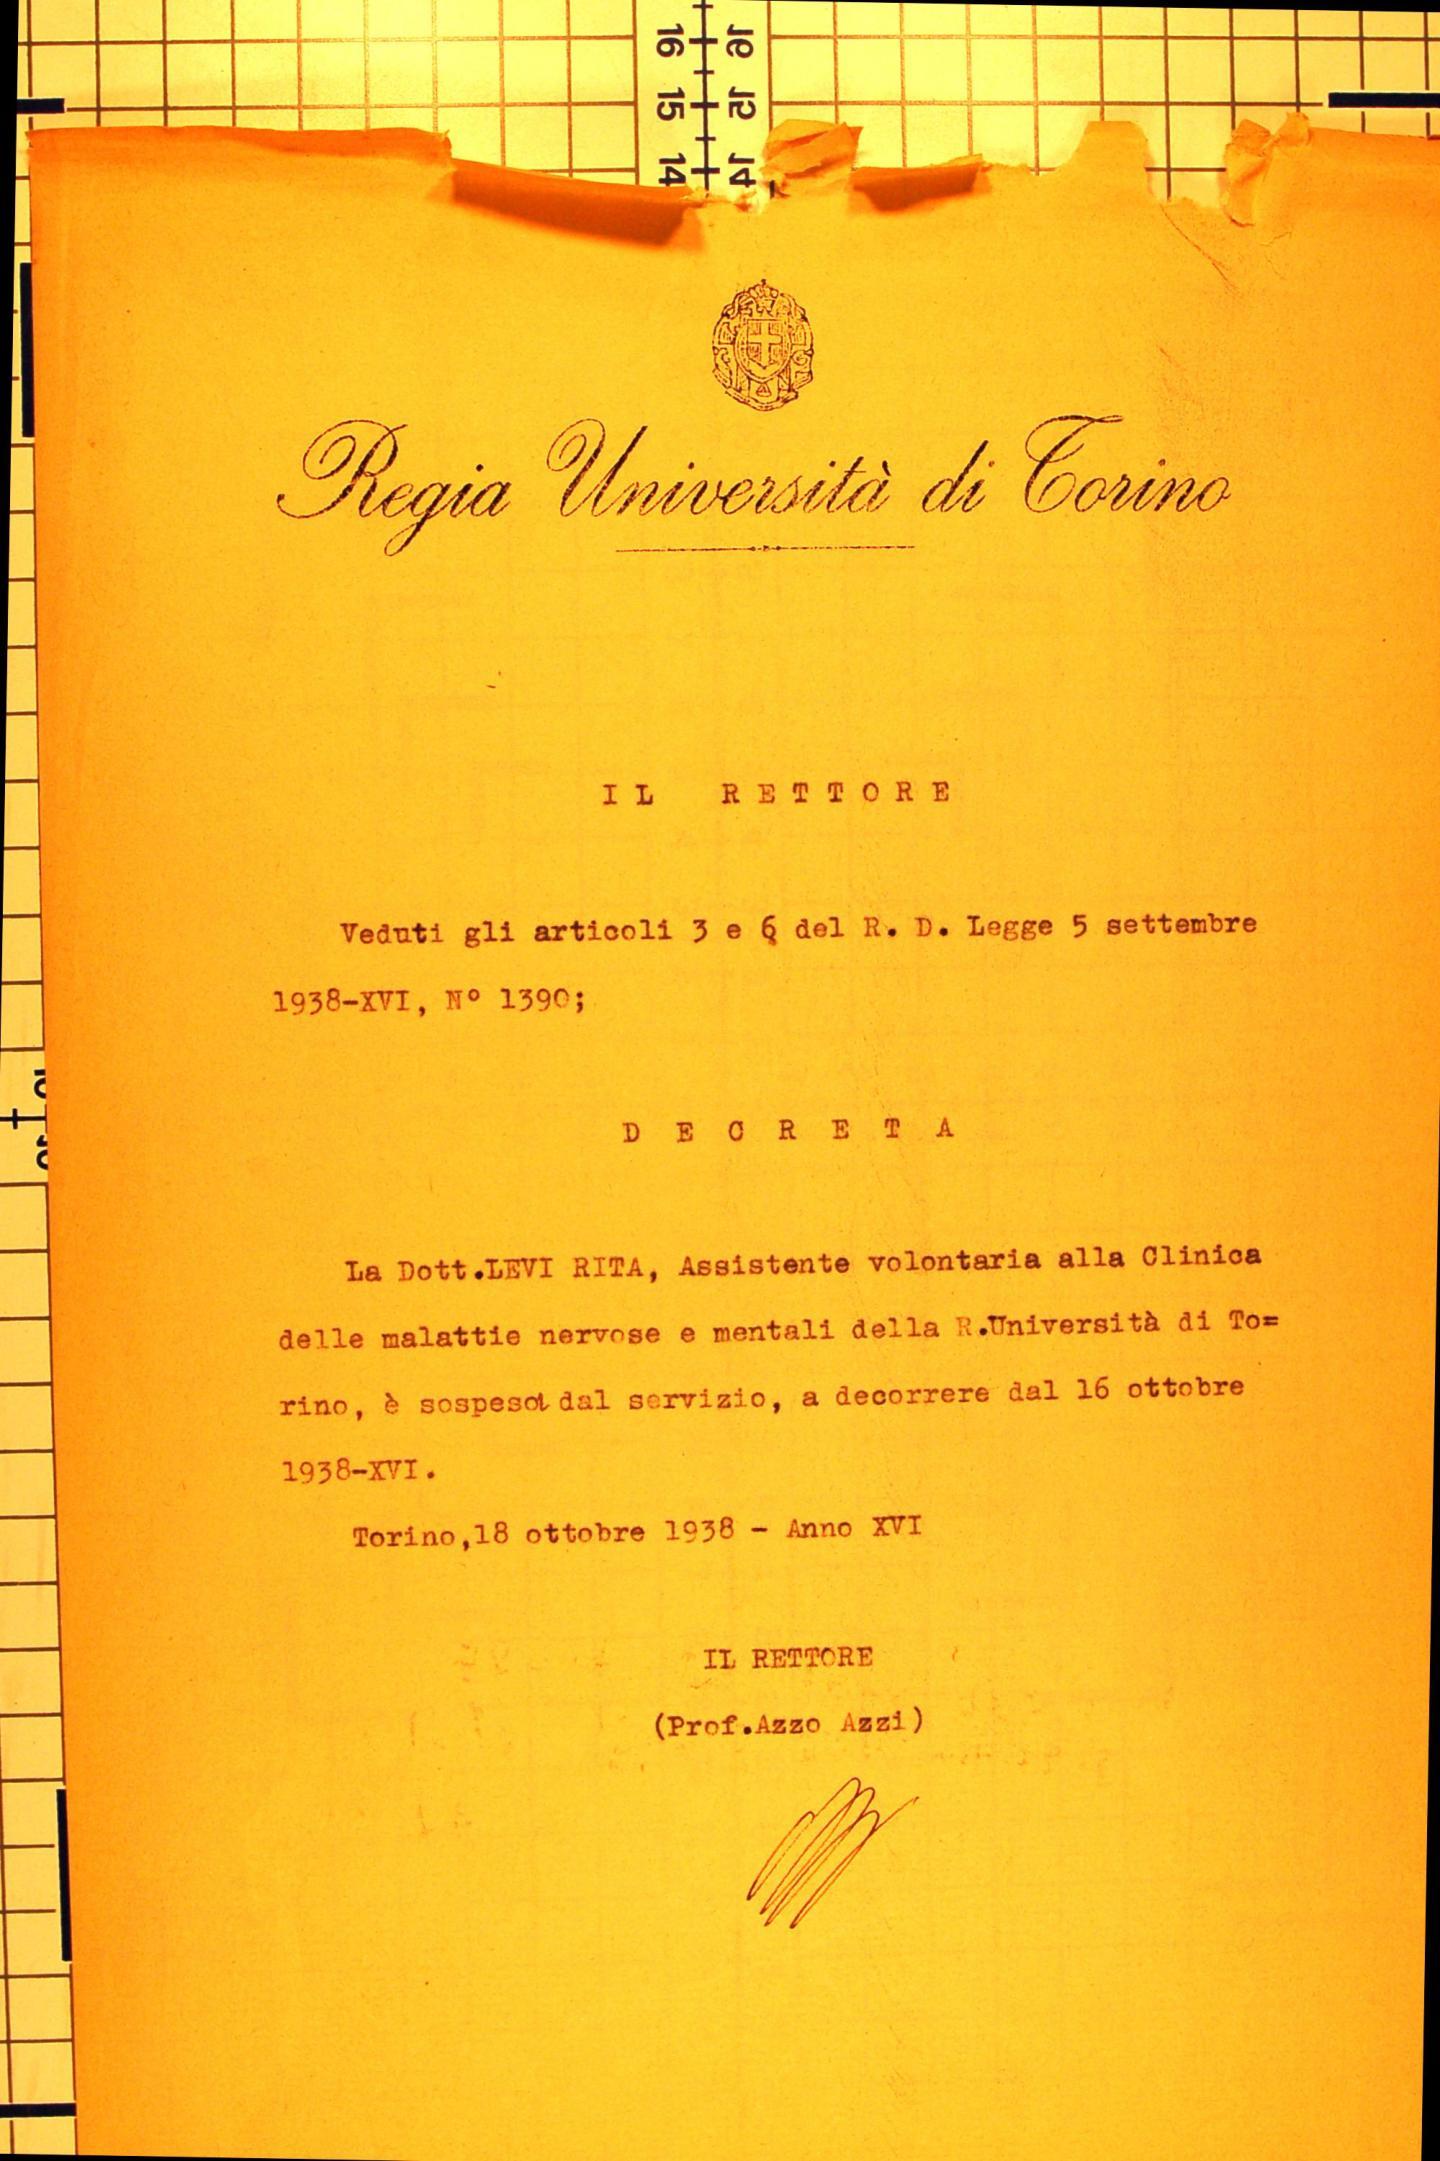 espulsione Rita Levi Montalcini. Archivio Università di Torino